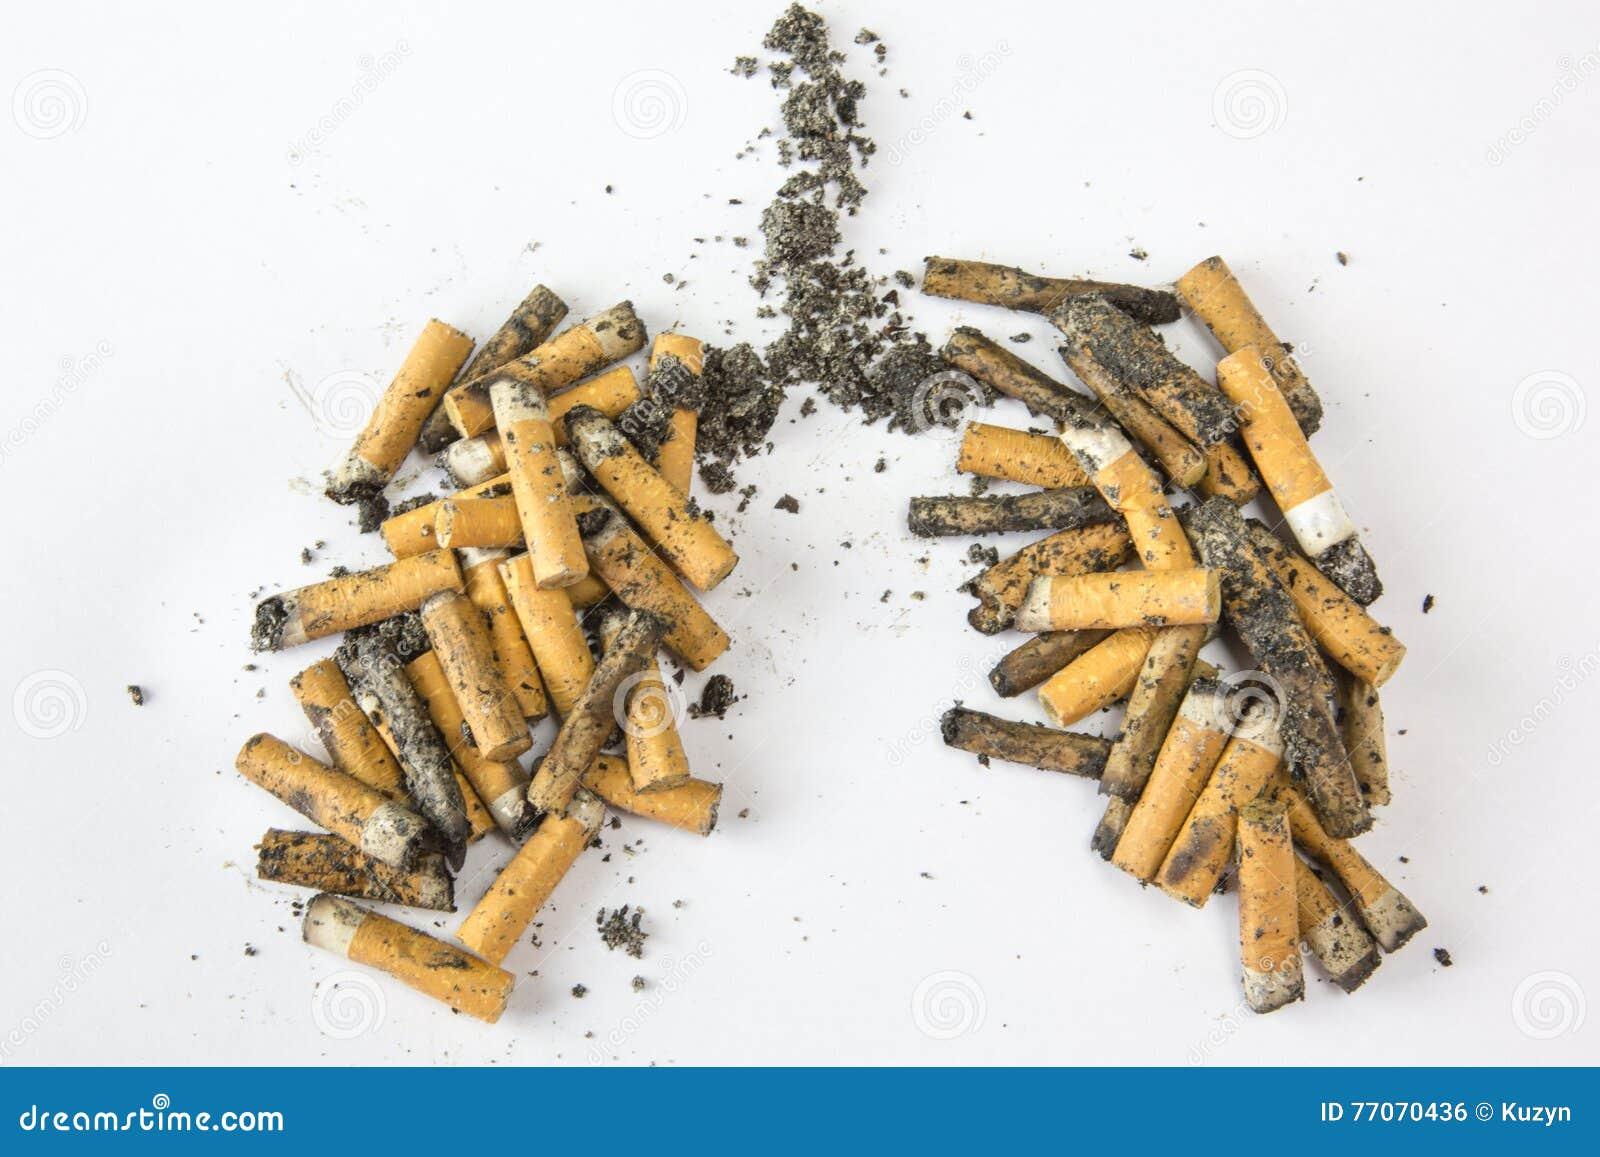 香烟不适杀害人烟